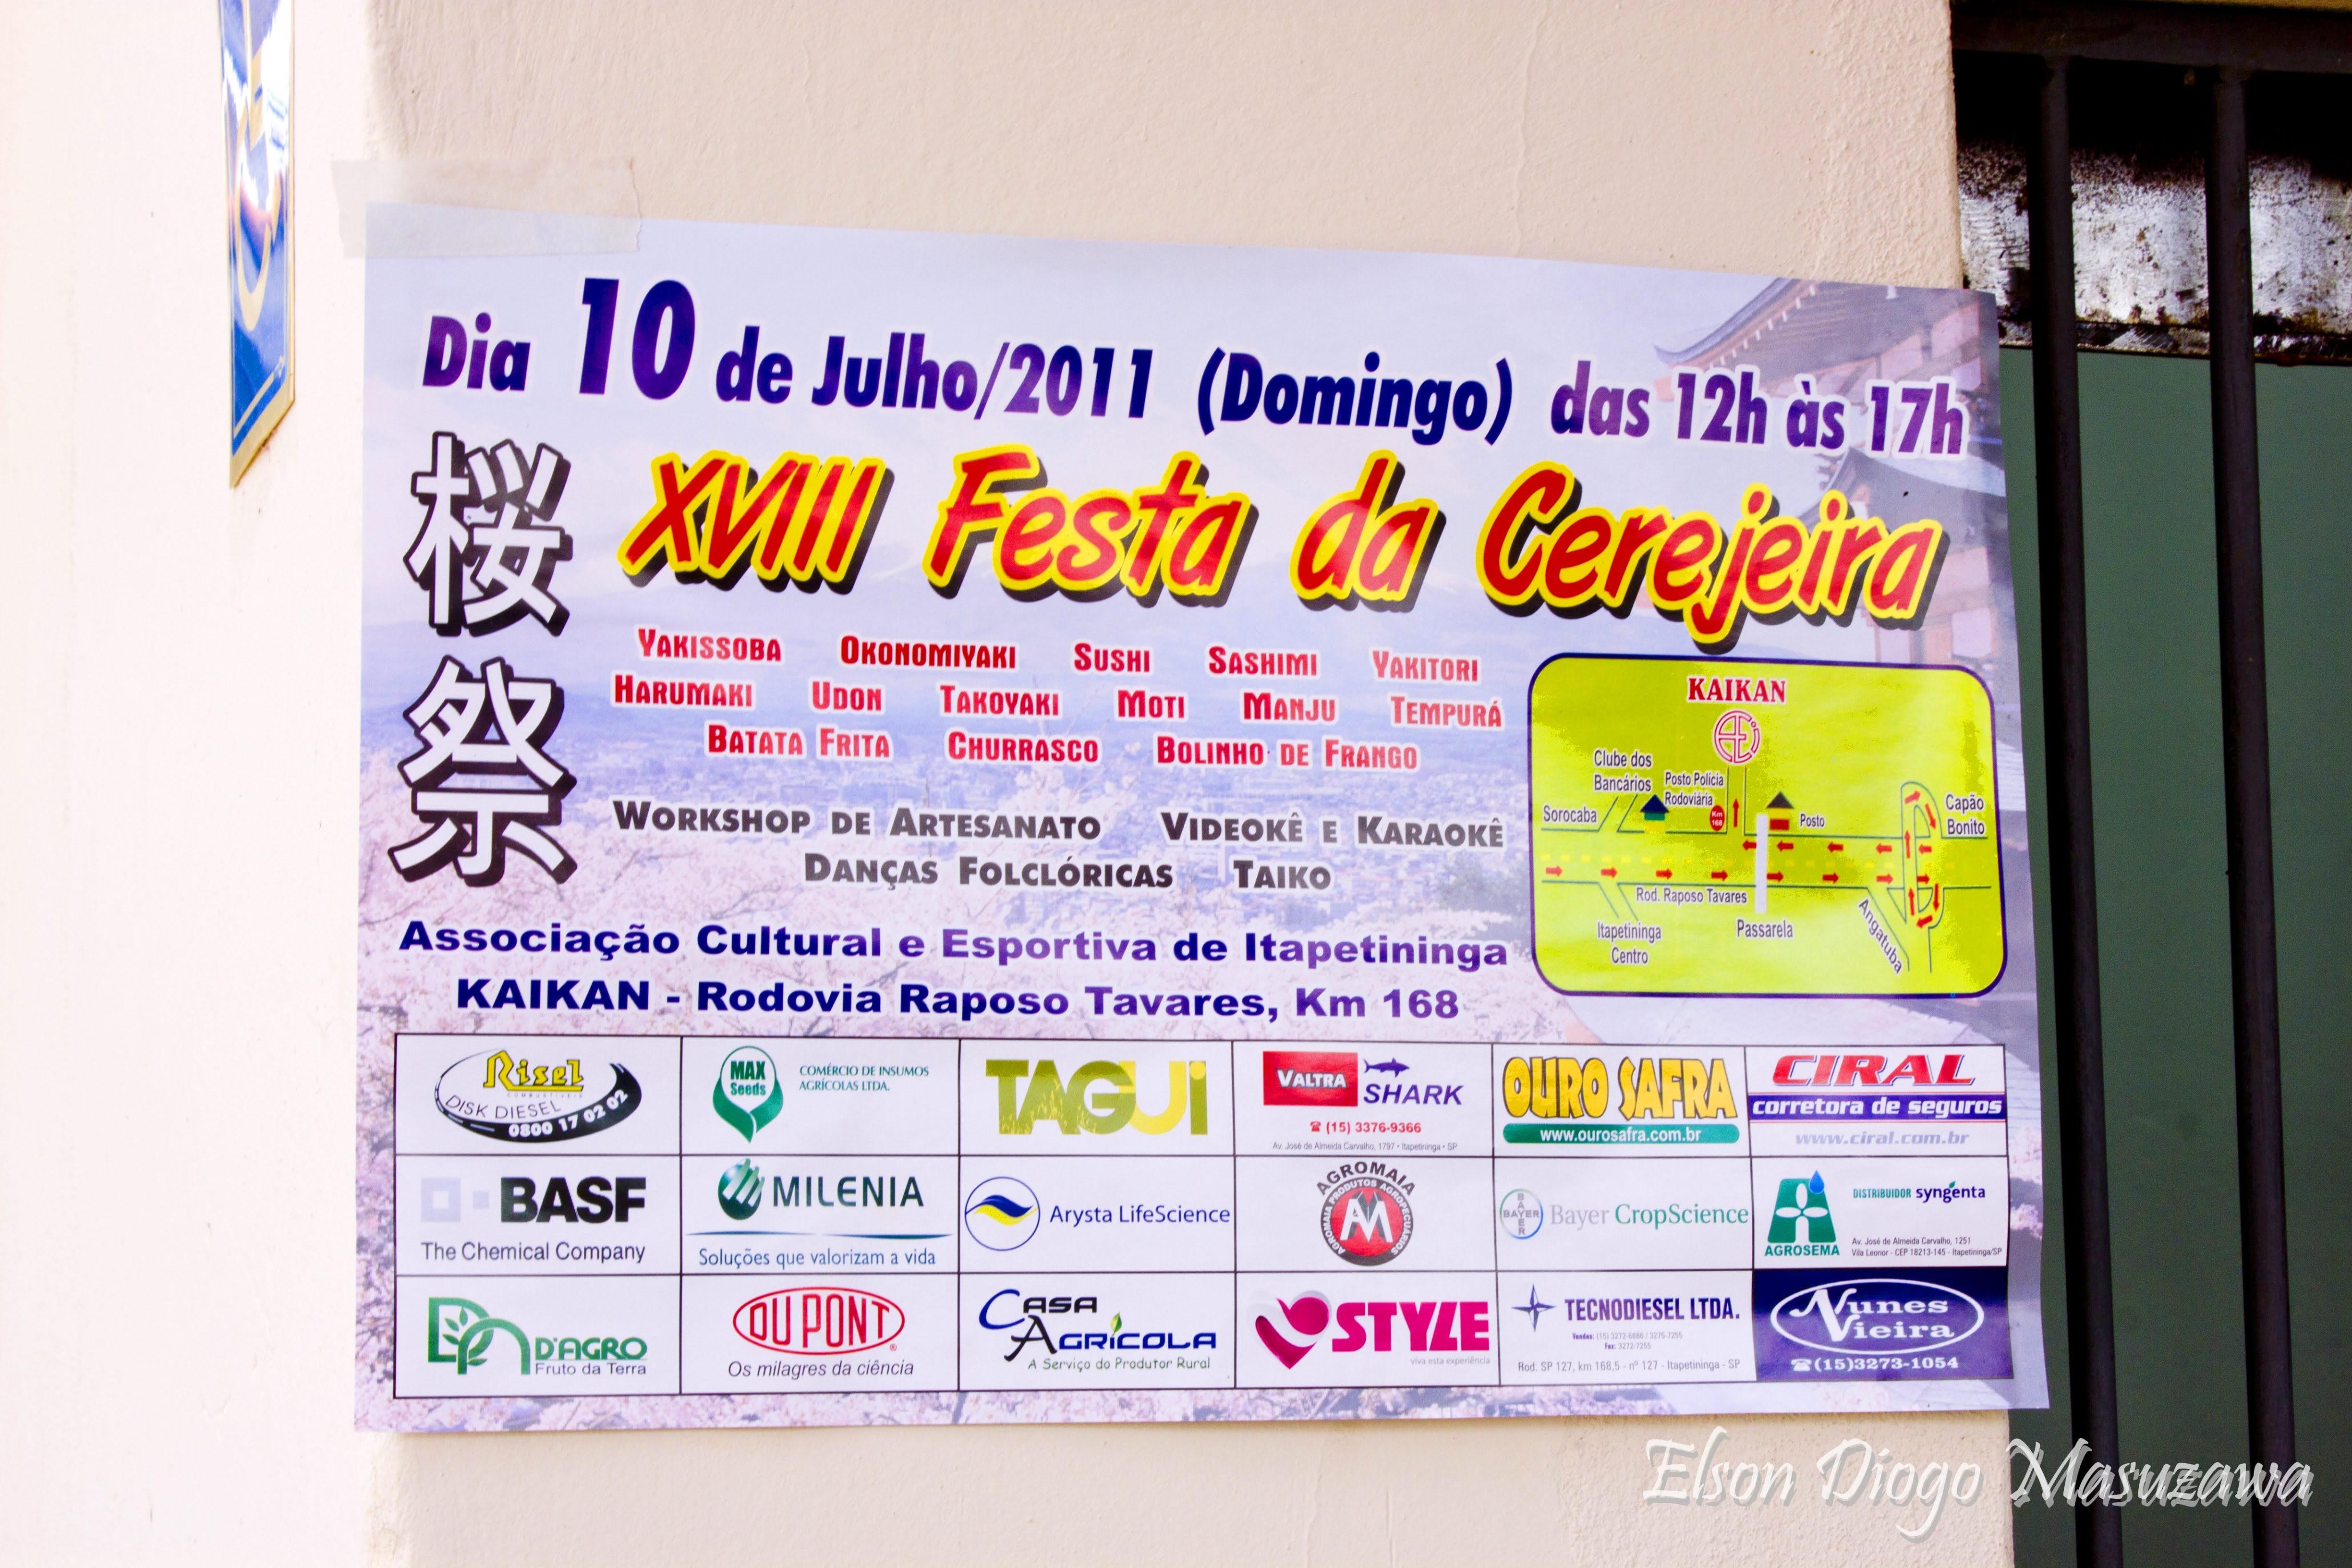 XVIII Festa da Cerejeira de Itapetininga